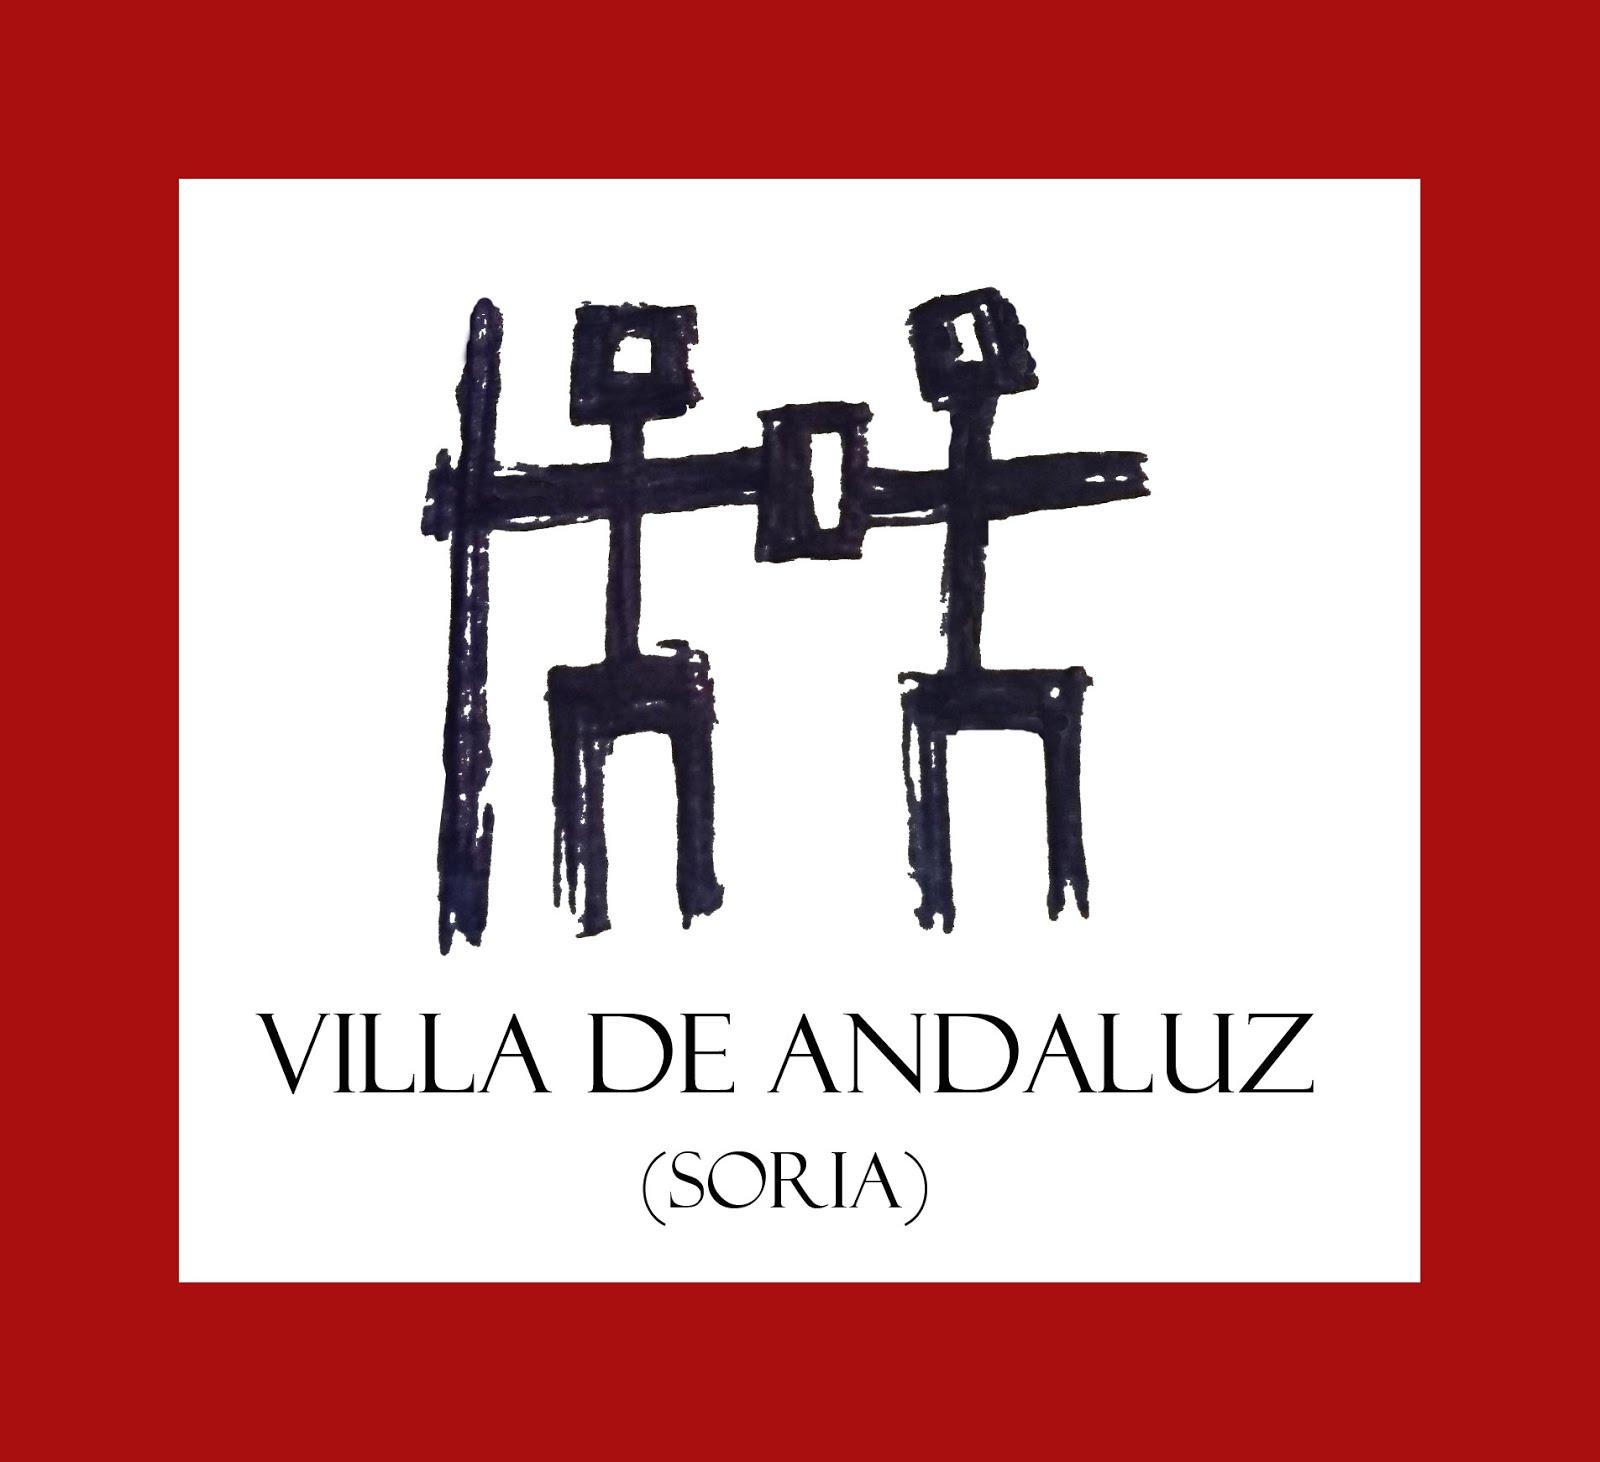 VILLA DE ANDALUZ